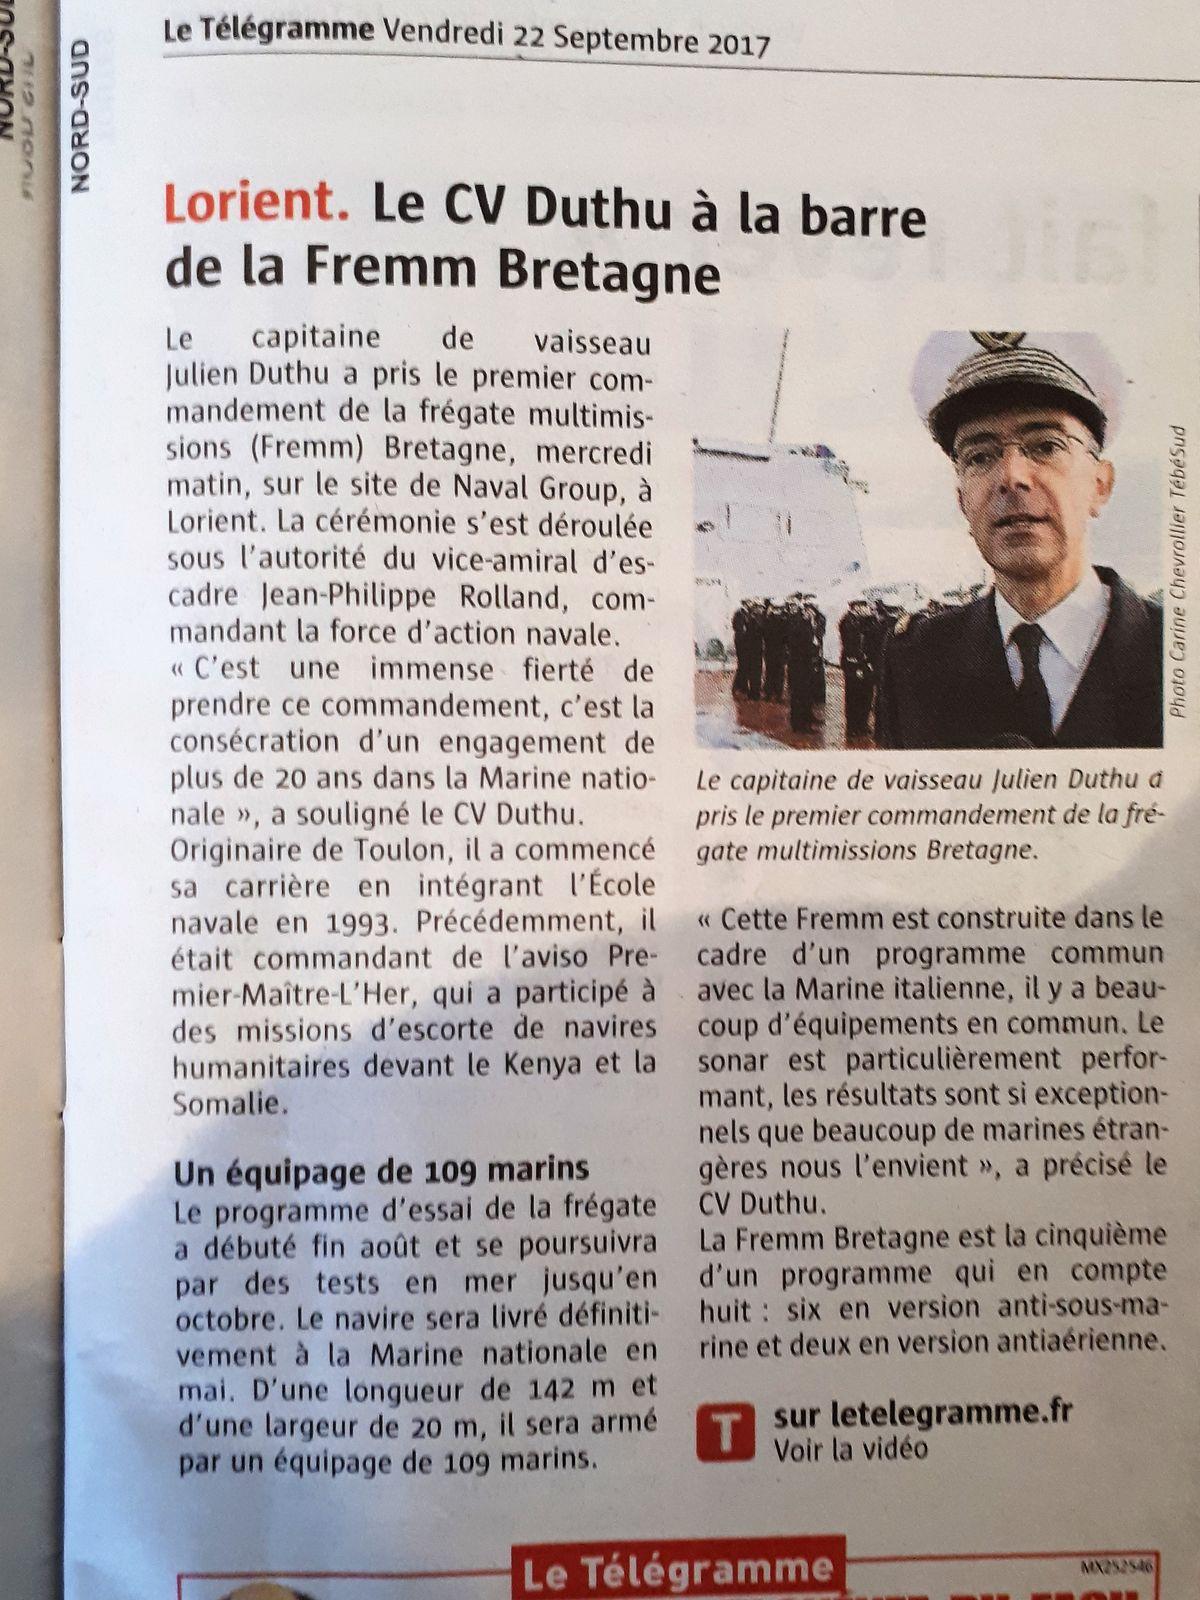 FREMM Bretagne (D655) 36863620170922114736